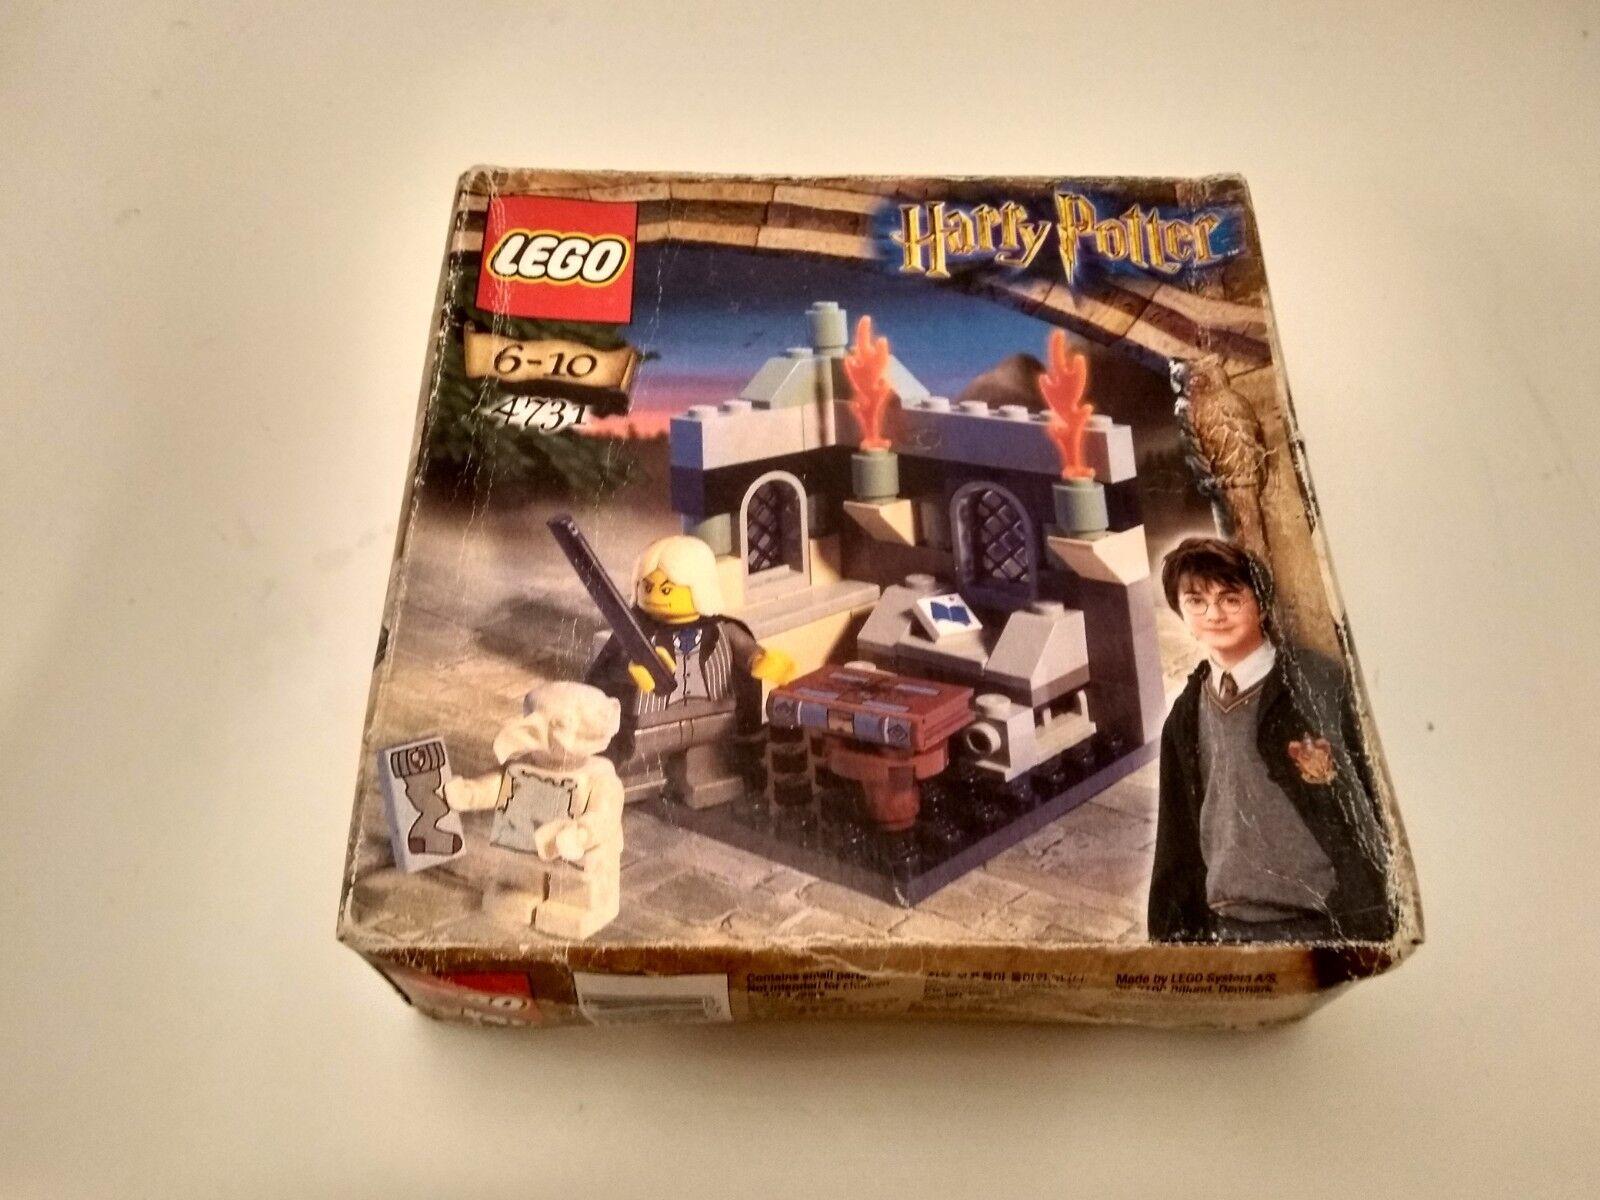 NEW LEGO Harry Potter Dobby's Release 4731 - Made in DENMARK 2002